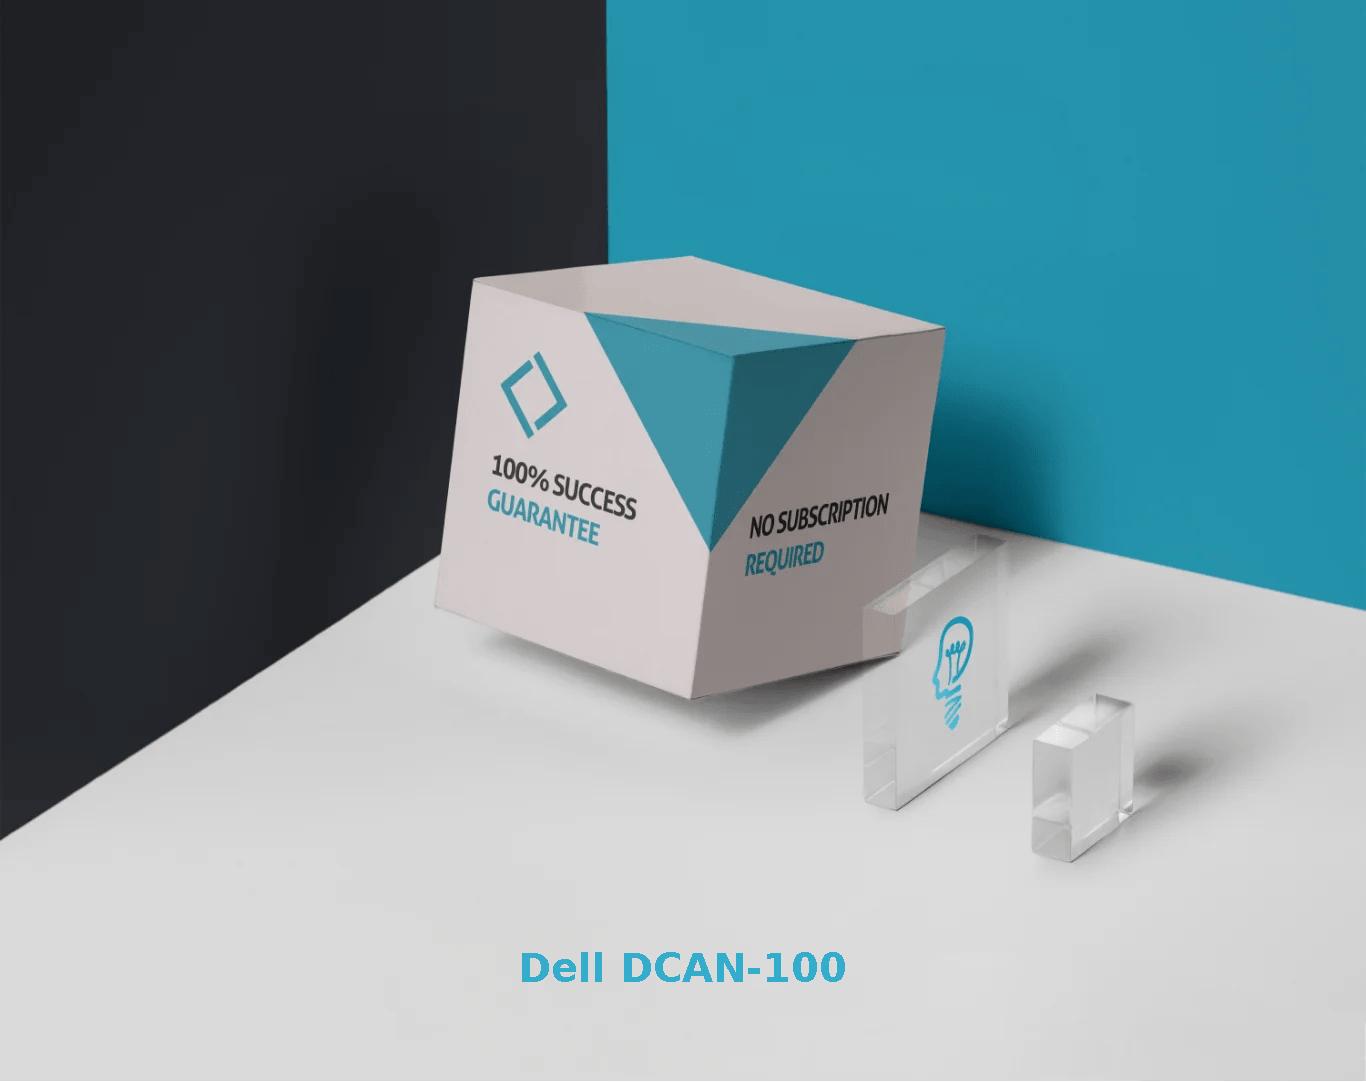 DCAN-100 Dumps